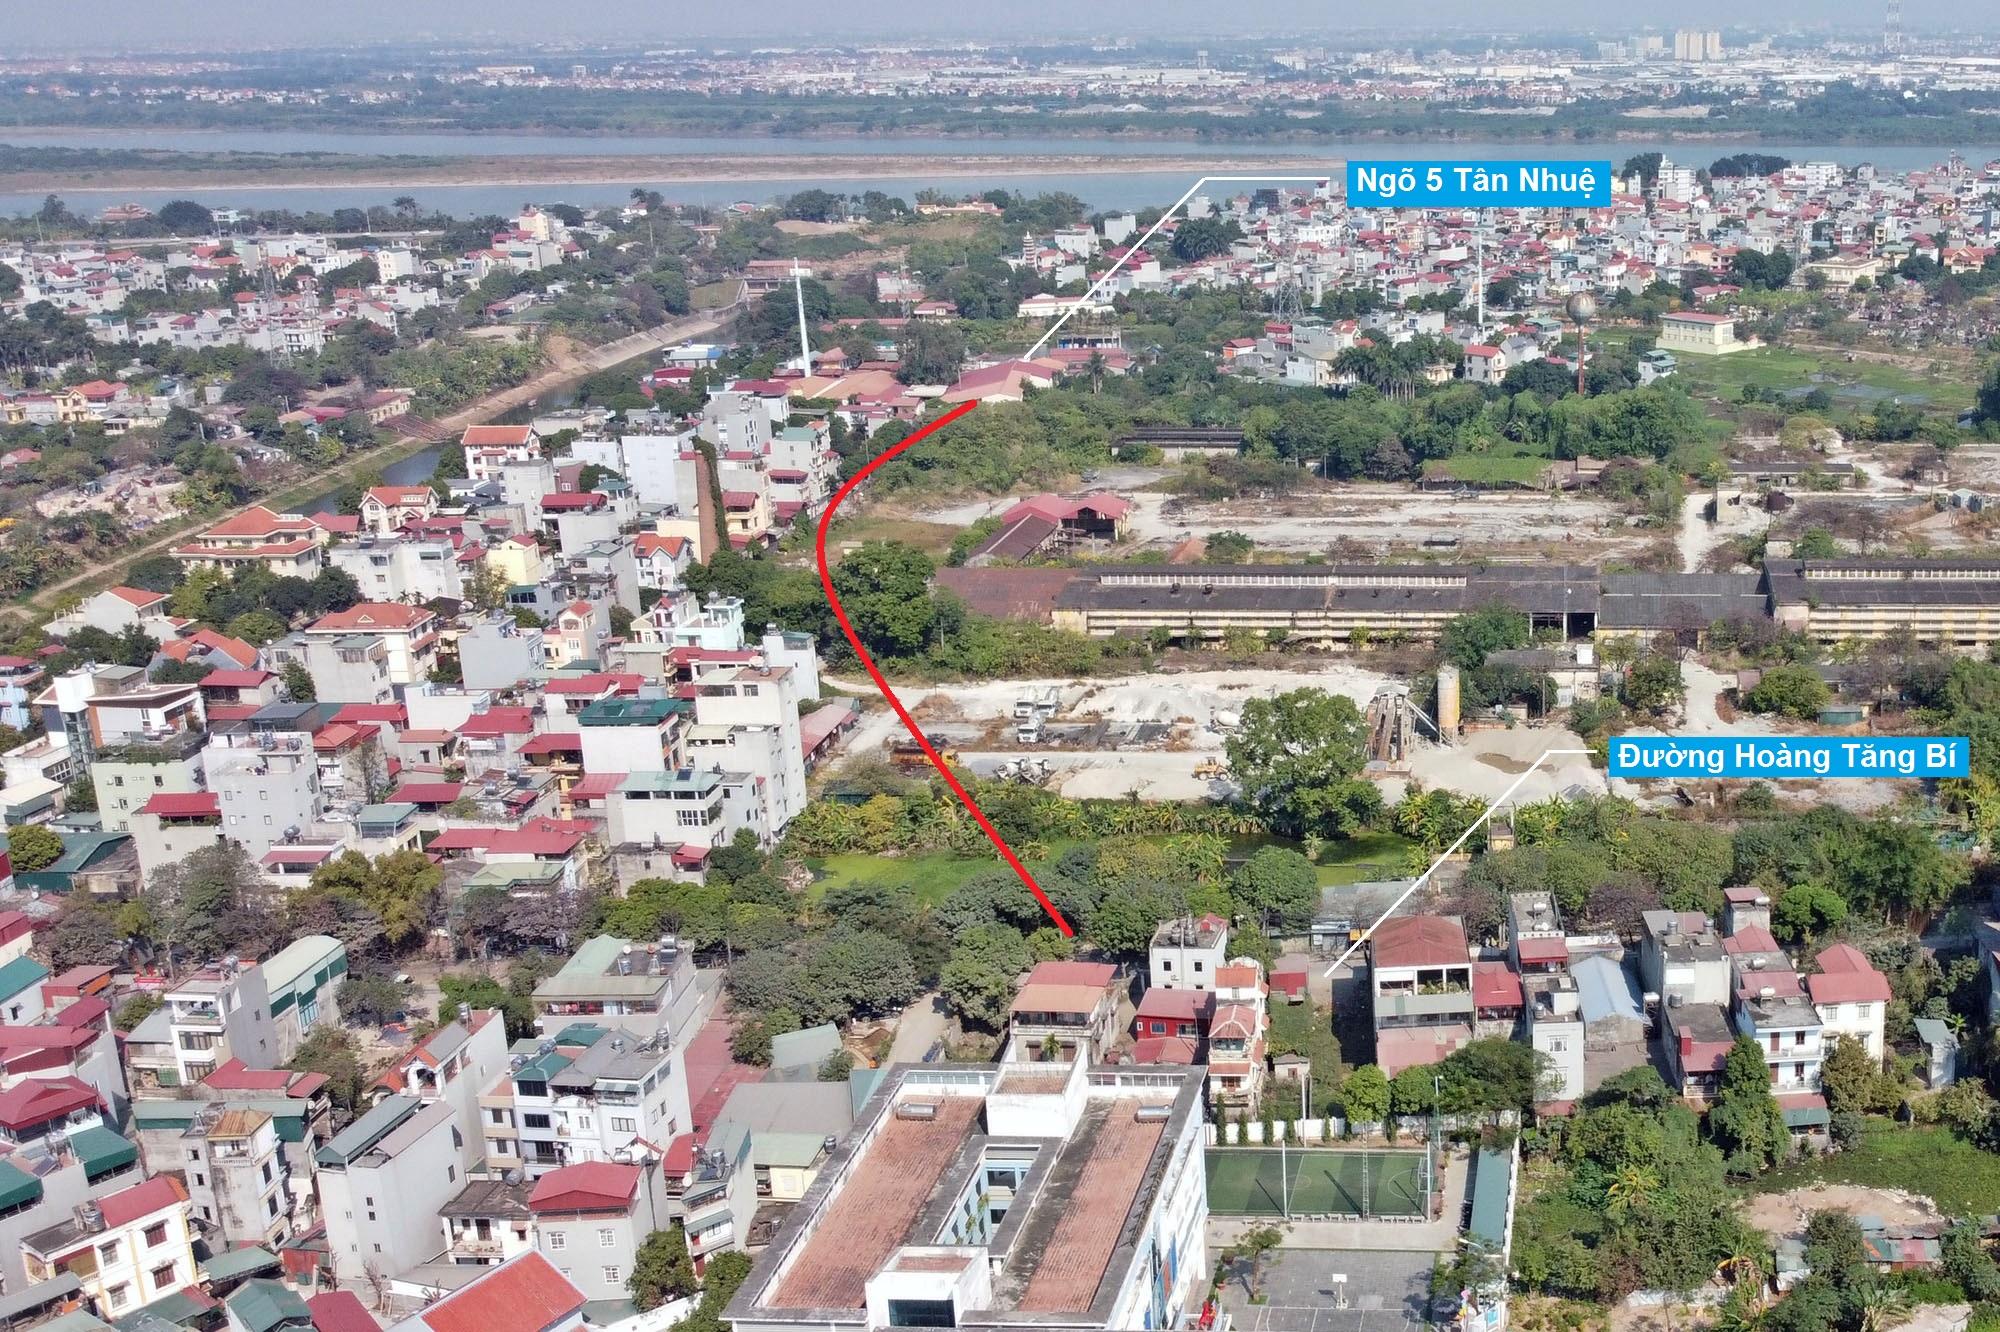 Ba đường sẽ mở theo quy hoạch ở phường Thụy Phương, Bắc Từ Liêm, Hà Nội (phần 3) - Ảnh 12.